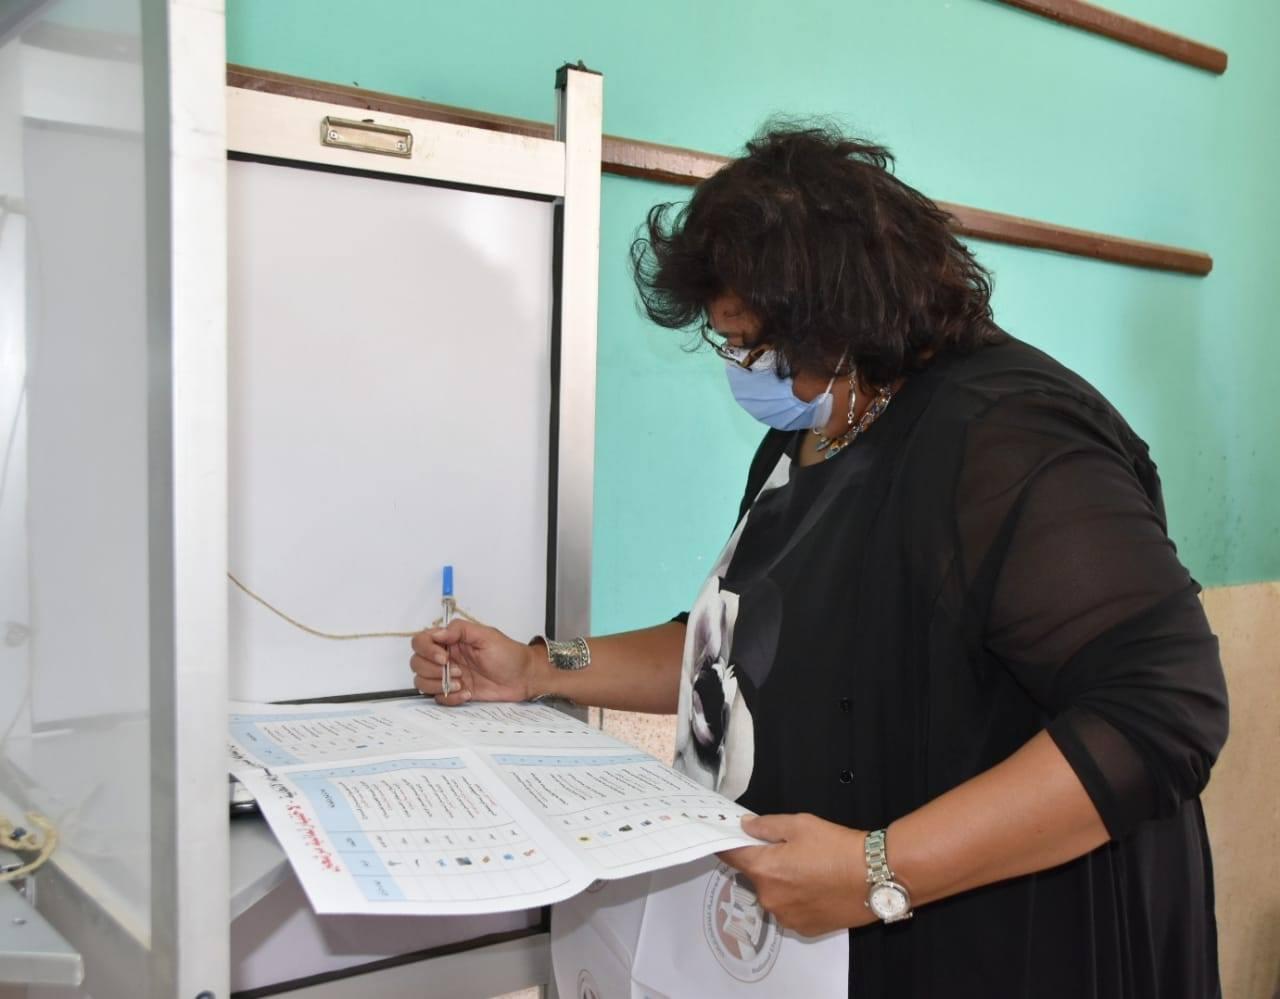 صور   وزيرة الثقافة تدلى بصوتها في انتخابات الشيوخ بالشيخ زايد